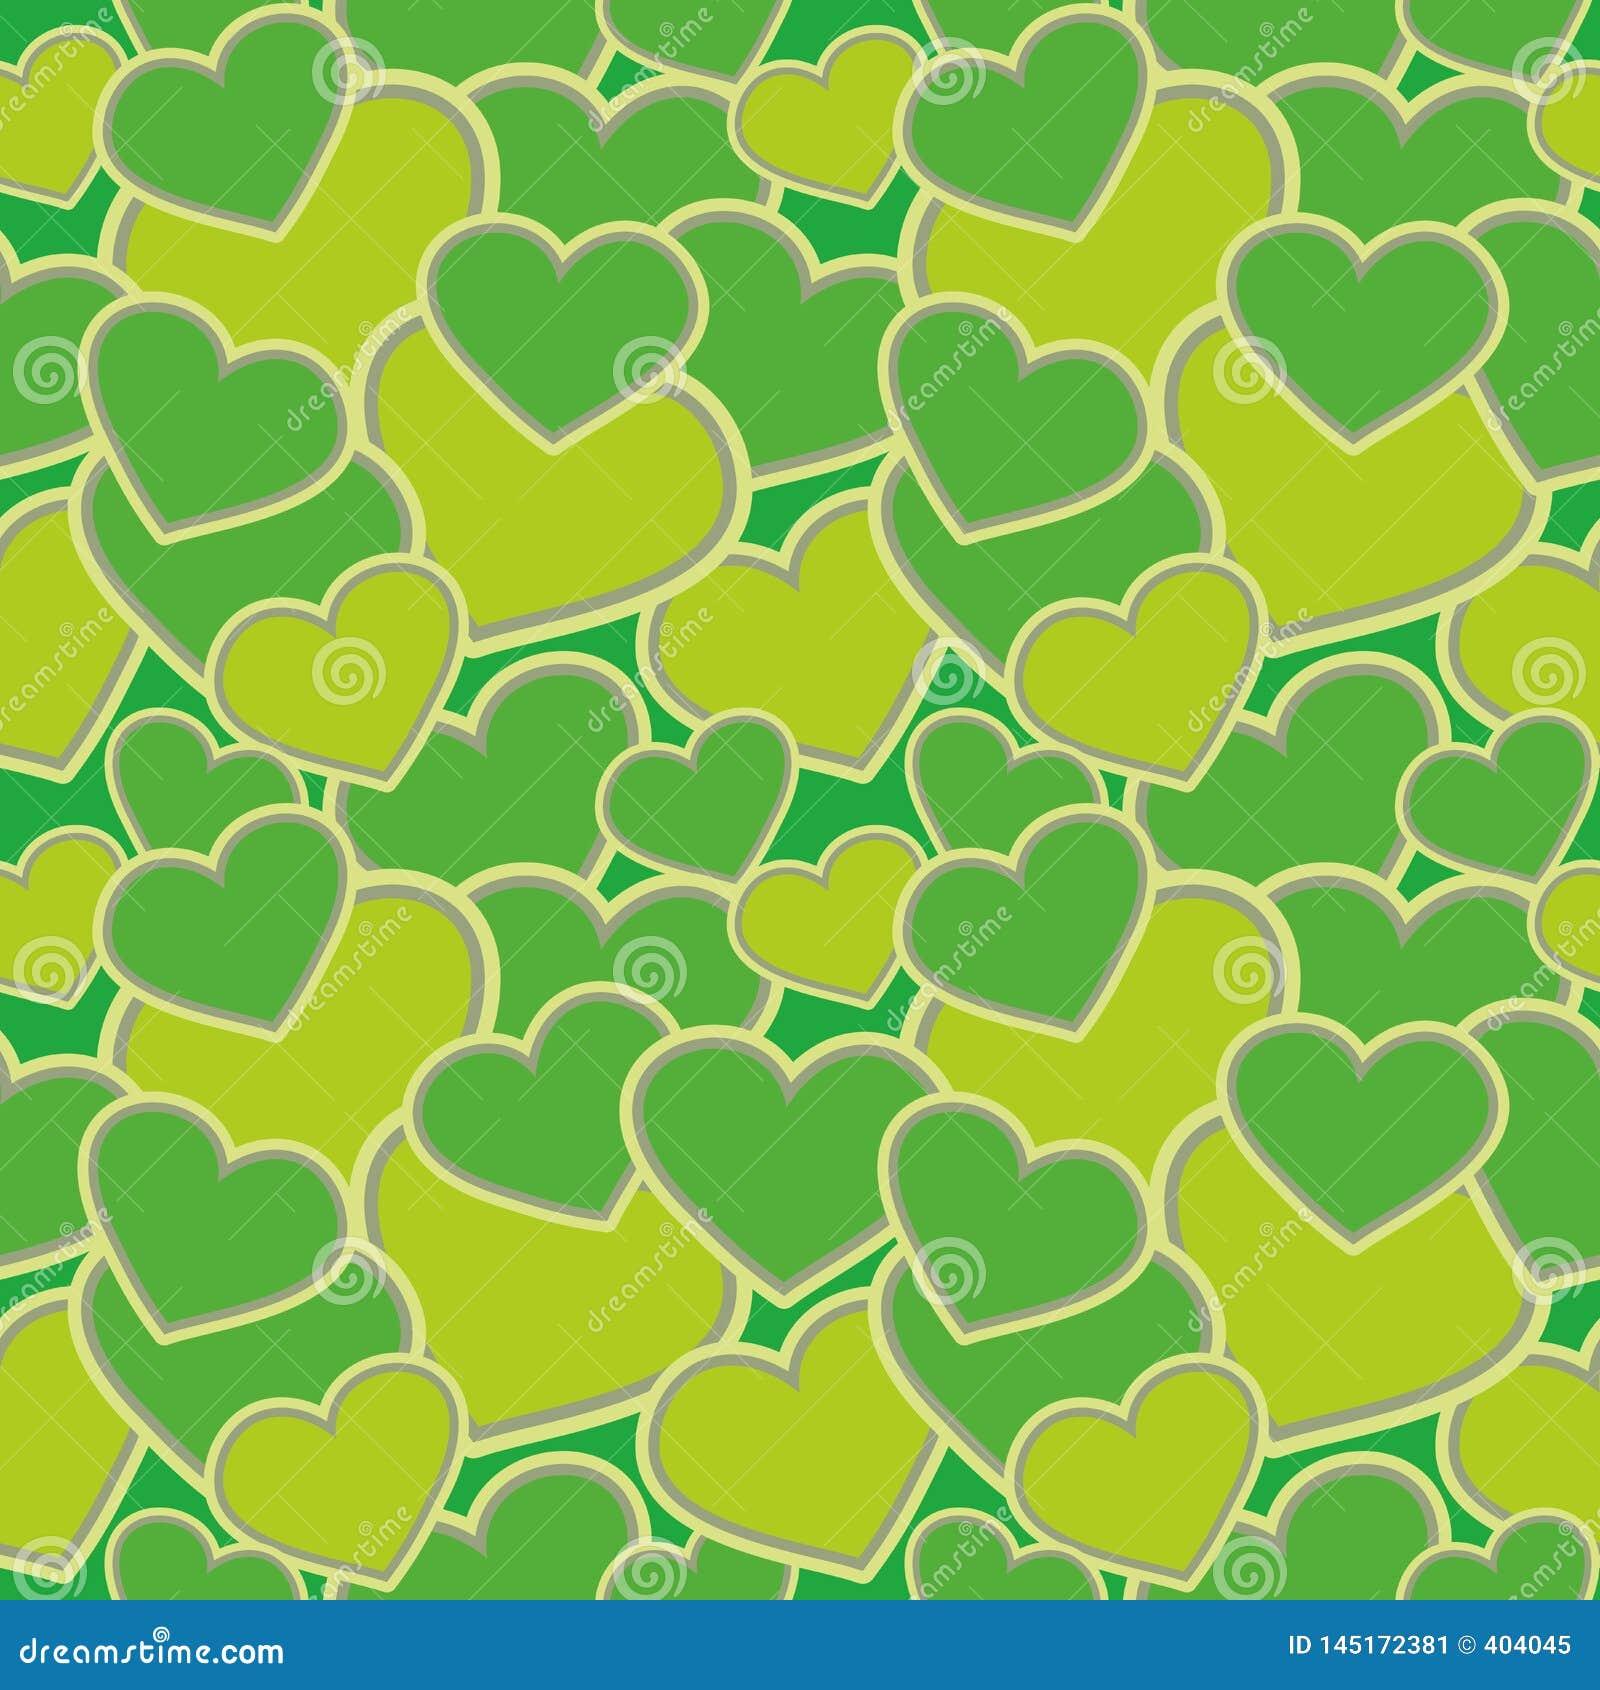 Bezszwowy wzór serce kształty, zielony kamuflaż dla tkanin, tapety, tablecloths, druki i projekty -, EPS kartoteka